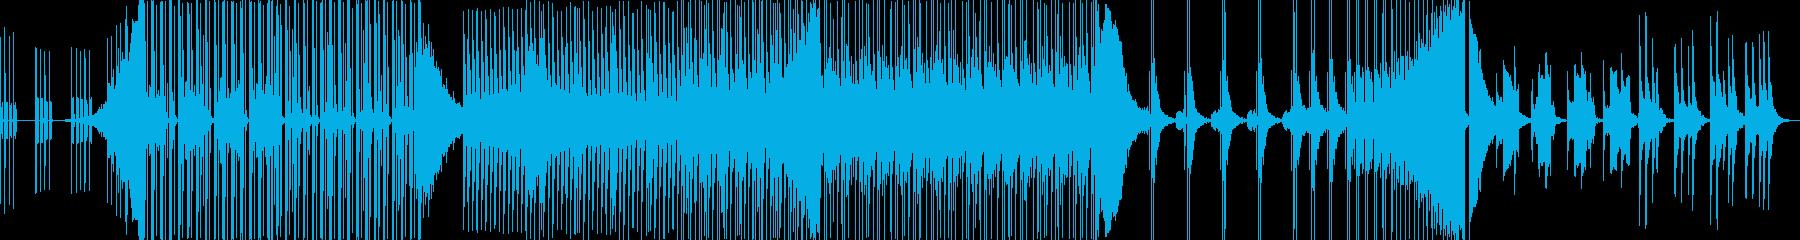 中国の楽器を使った音楽の再生済みの波形